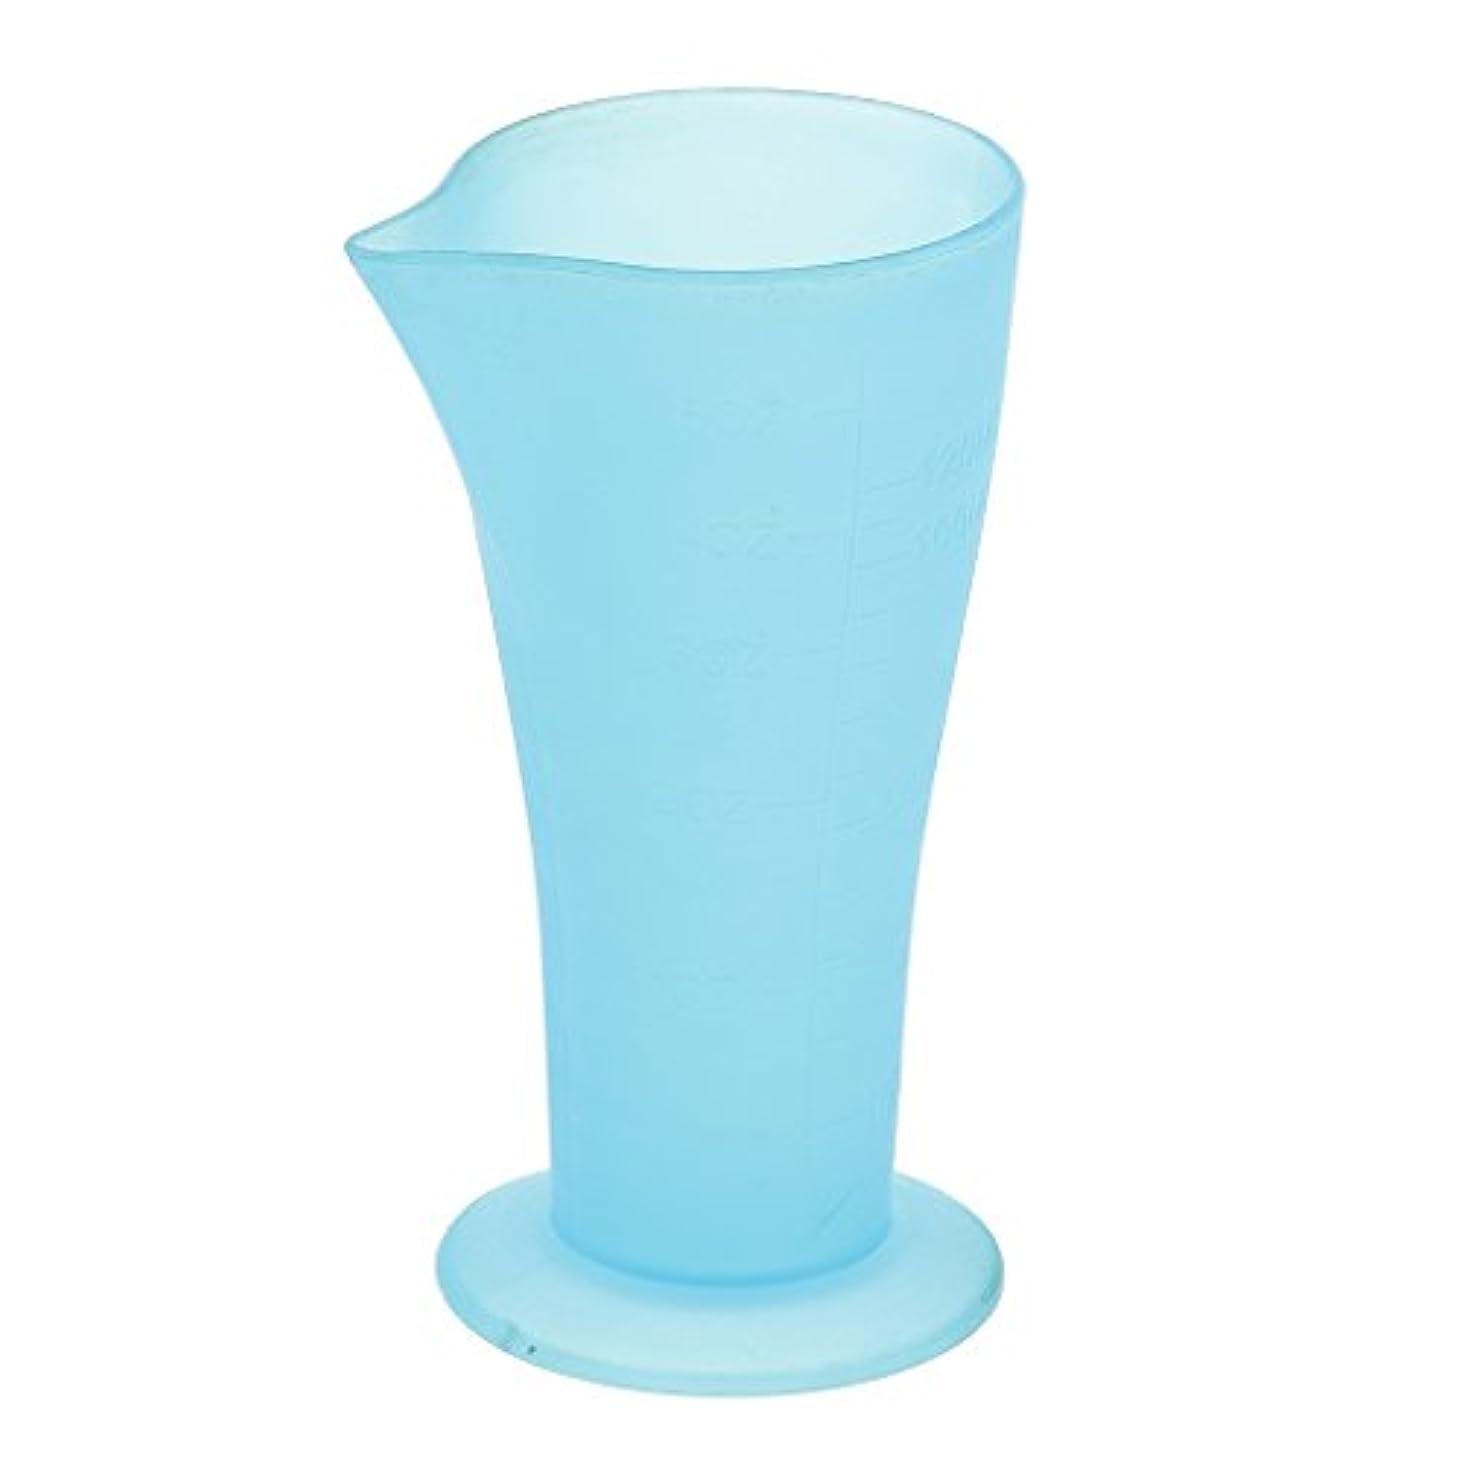 定常比較円形のToygogo 再利用可能な耐久性のある120mL 5oZクリアブループラスチック製の計量用ビーカーカップ調理用ベーカリーキッチンラボサロン